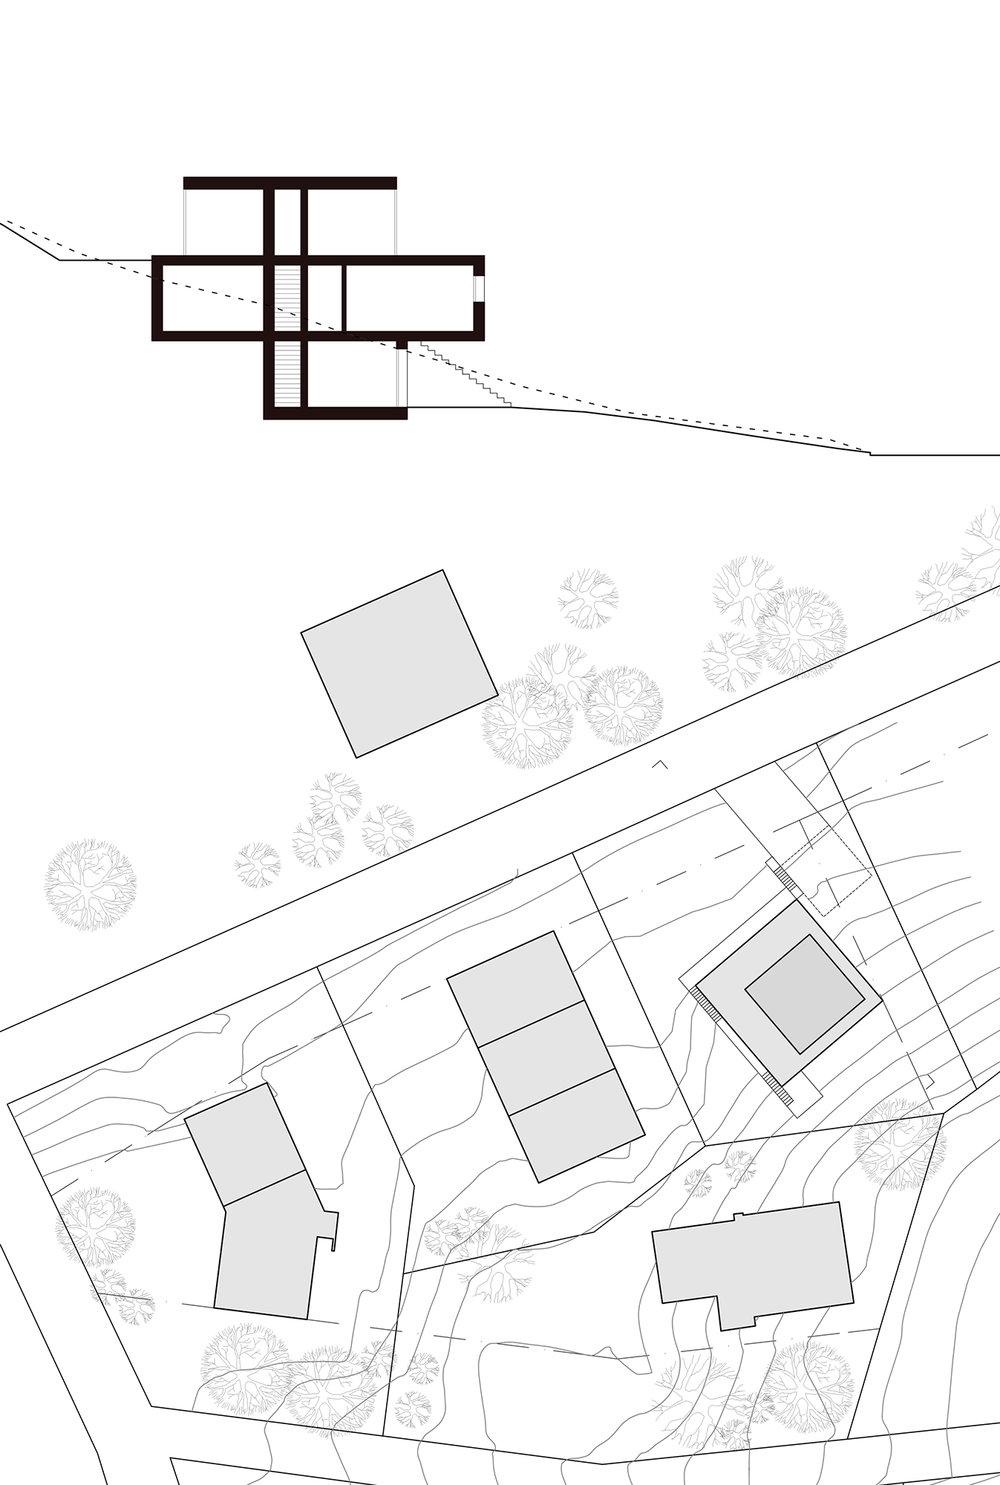 Architektur_offizin-a_gatto.weber.architekten_Projekte_Wohnen_EFH Hohermuth_02.jpg